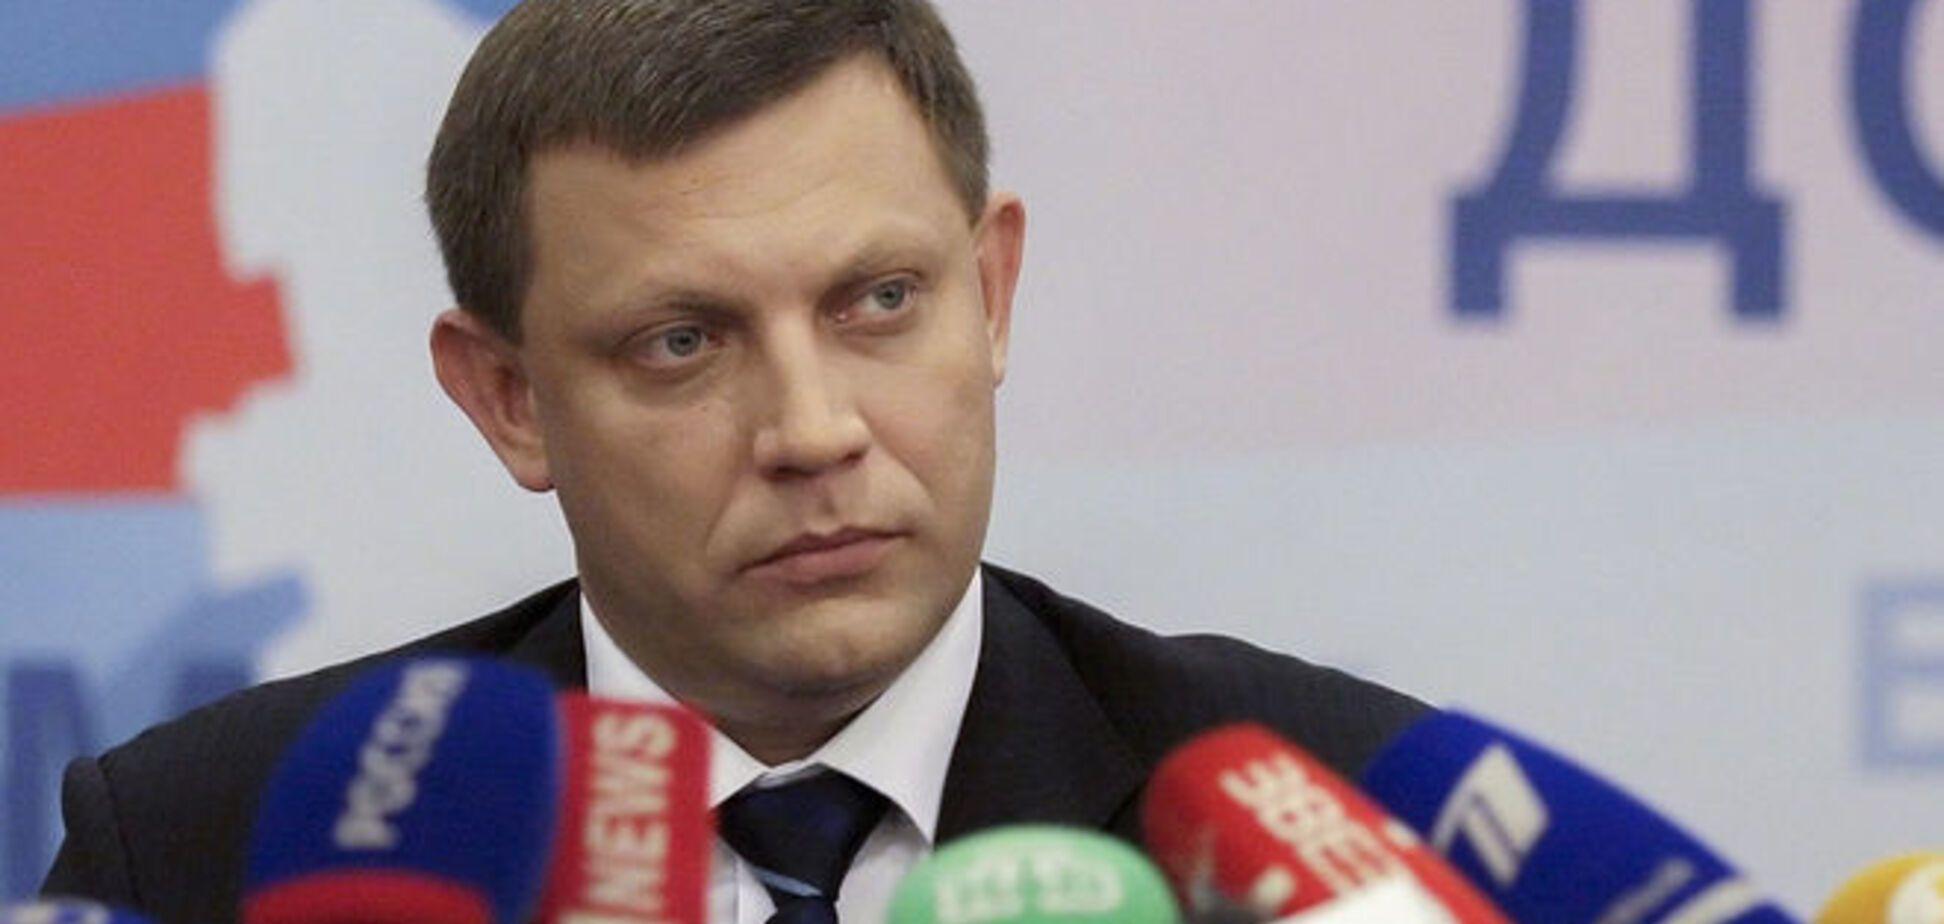 Главарь 'ДНР' боится ликвидации российскими спецслужбами - СМИ